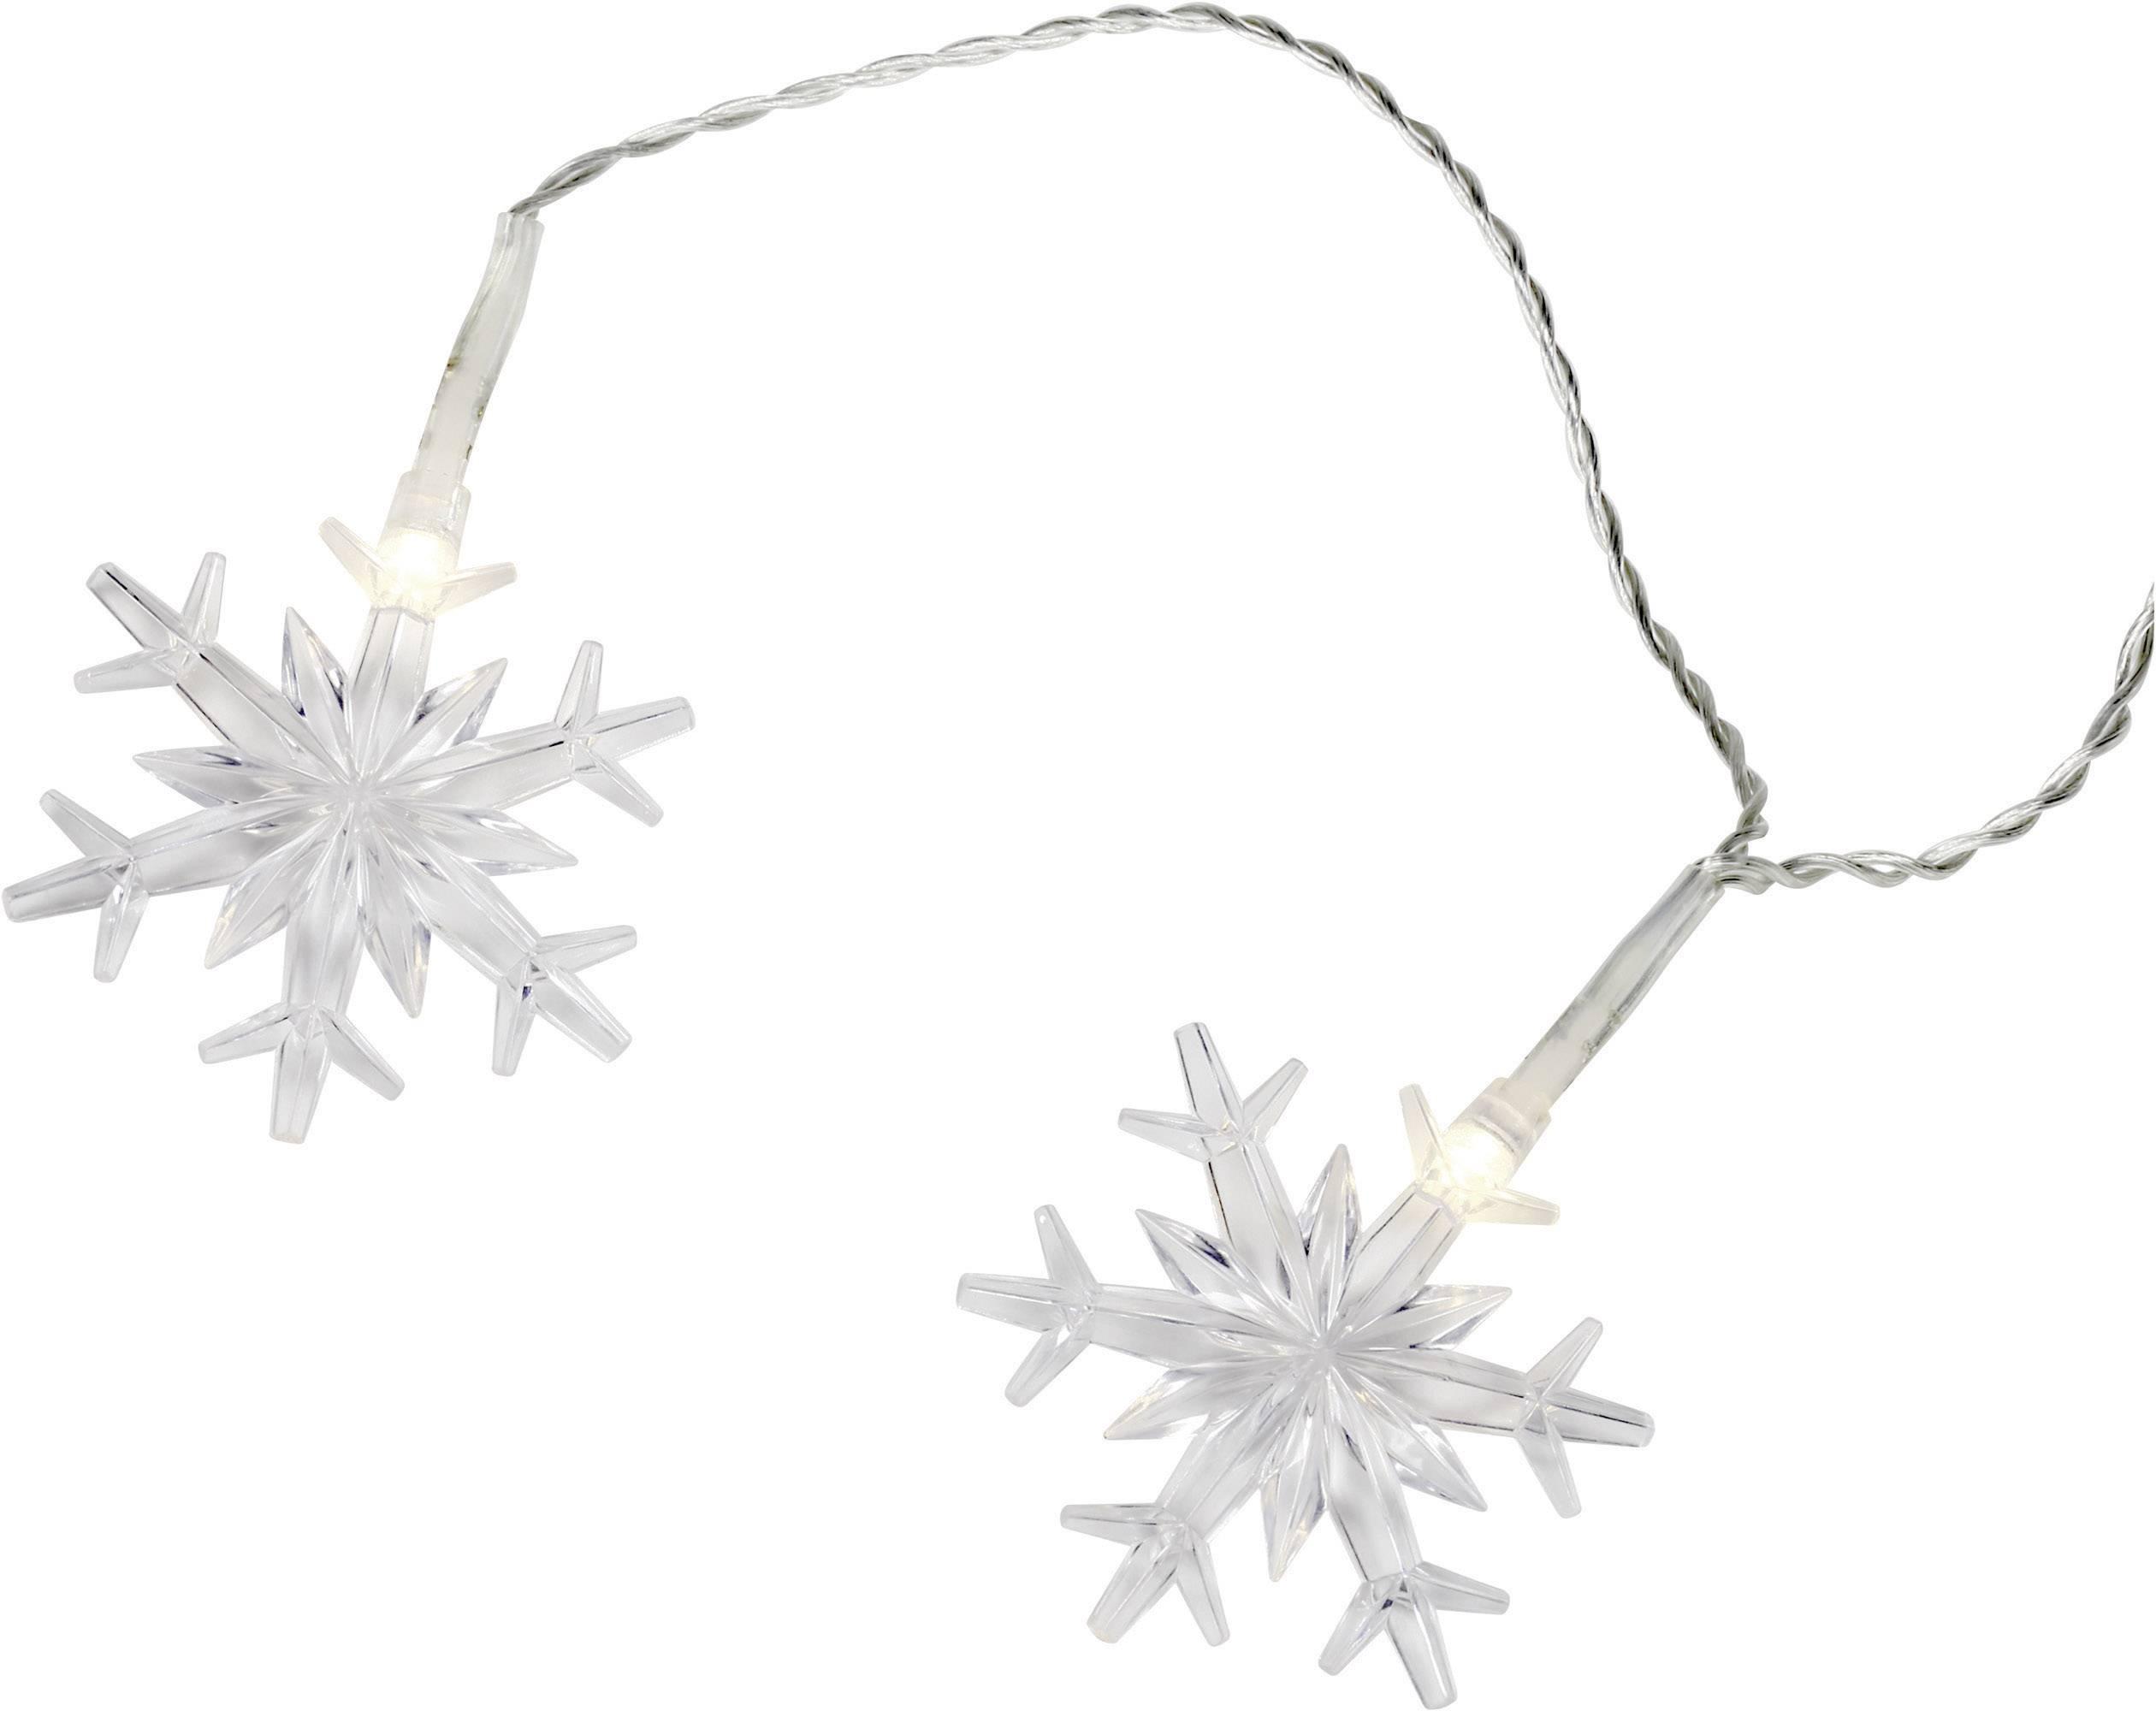 LED mini světelný řetěz s motivem sněhové vločky venkovní 12-C004, 230 V, 12, teplá bílá, 12.2 m